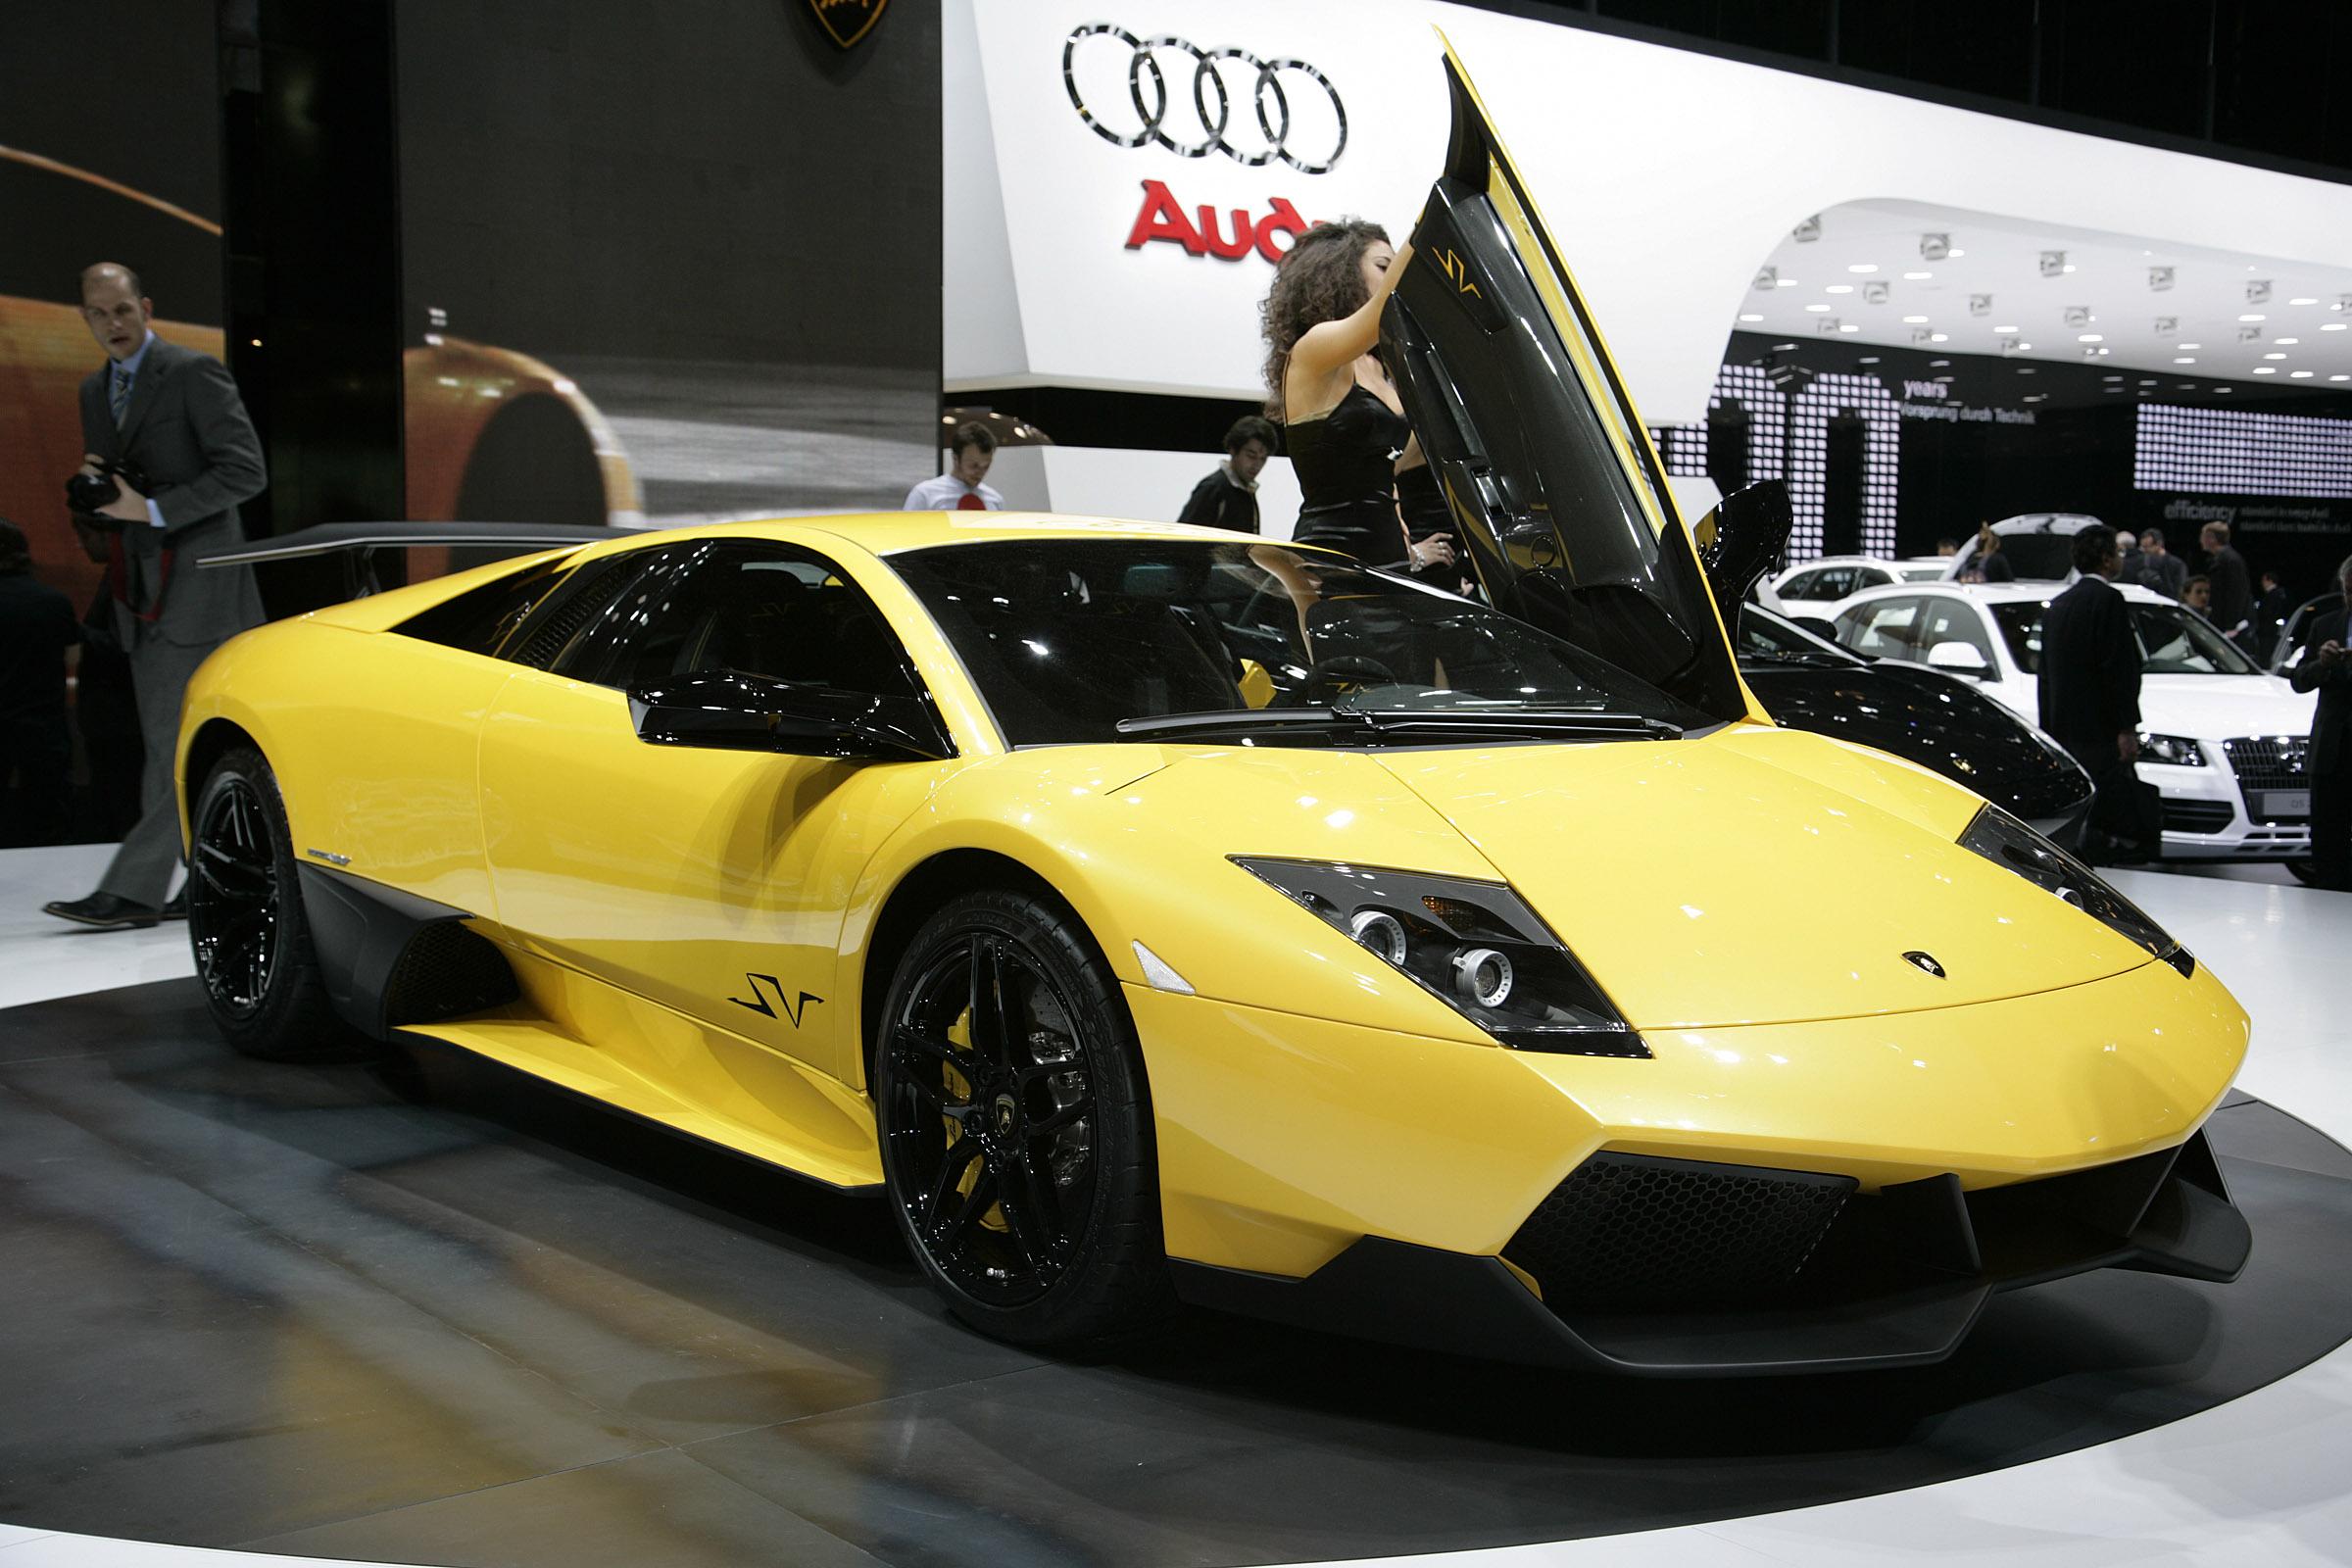 Lamborghini murcielago lp-670 4 superveloce geneva - 2009 - фотография №4